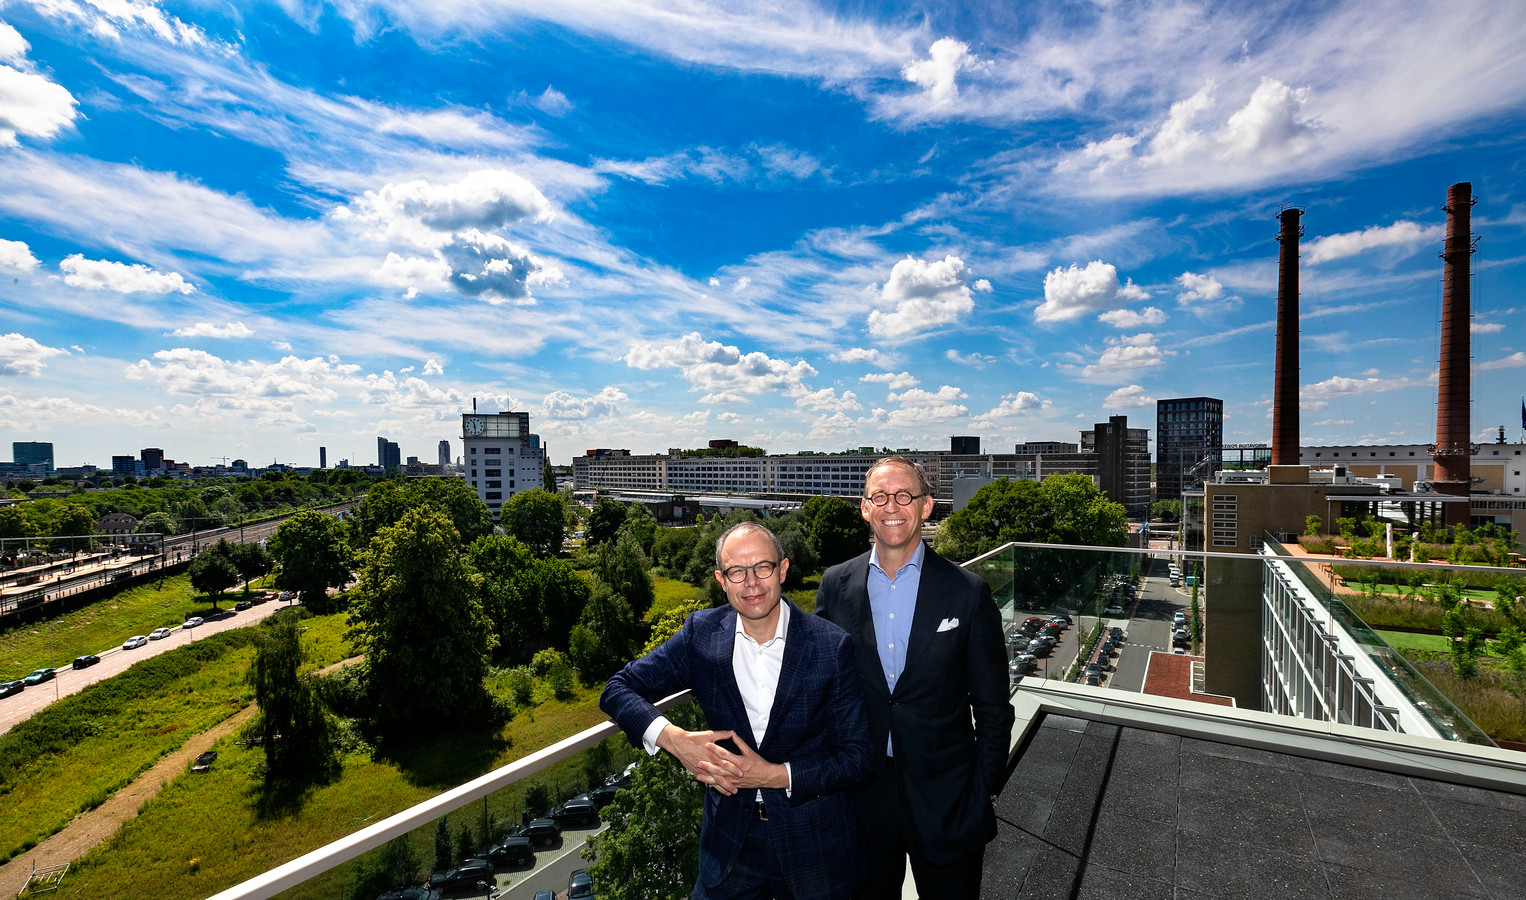 Marc Cootjans (links) en Gerard Zwartkruis van Rabobank Regio Eindhoven dat wil investeren in jonge innovatieve bedrijven zoals die ook op Strijp T en Strijp S zijn gevestigd.